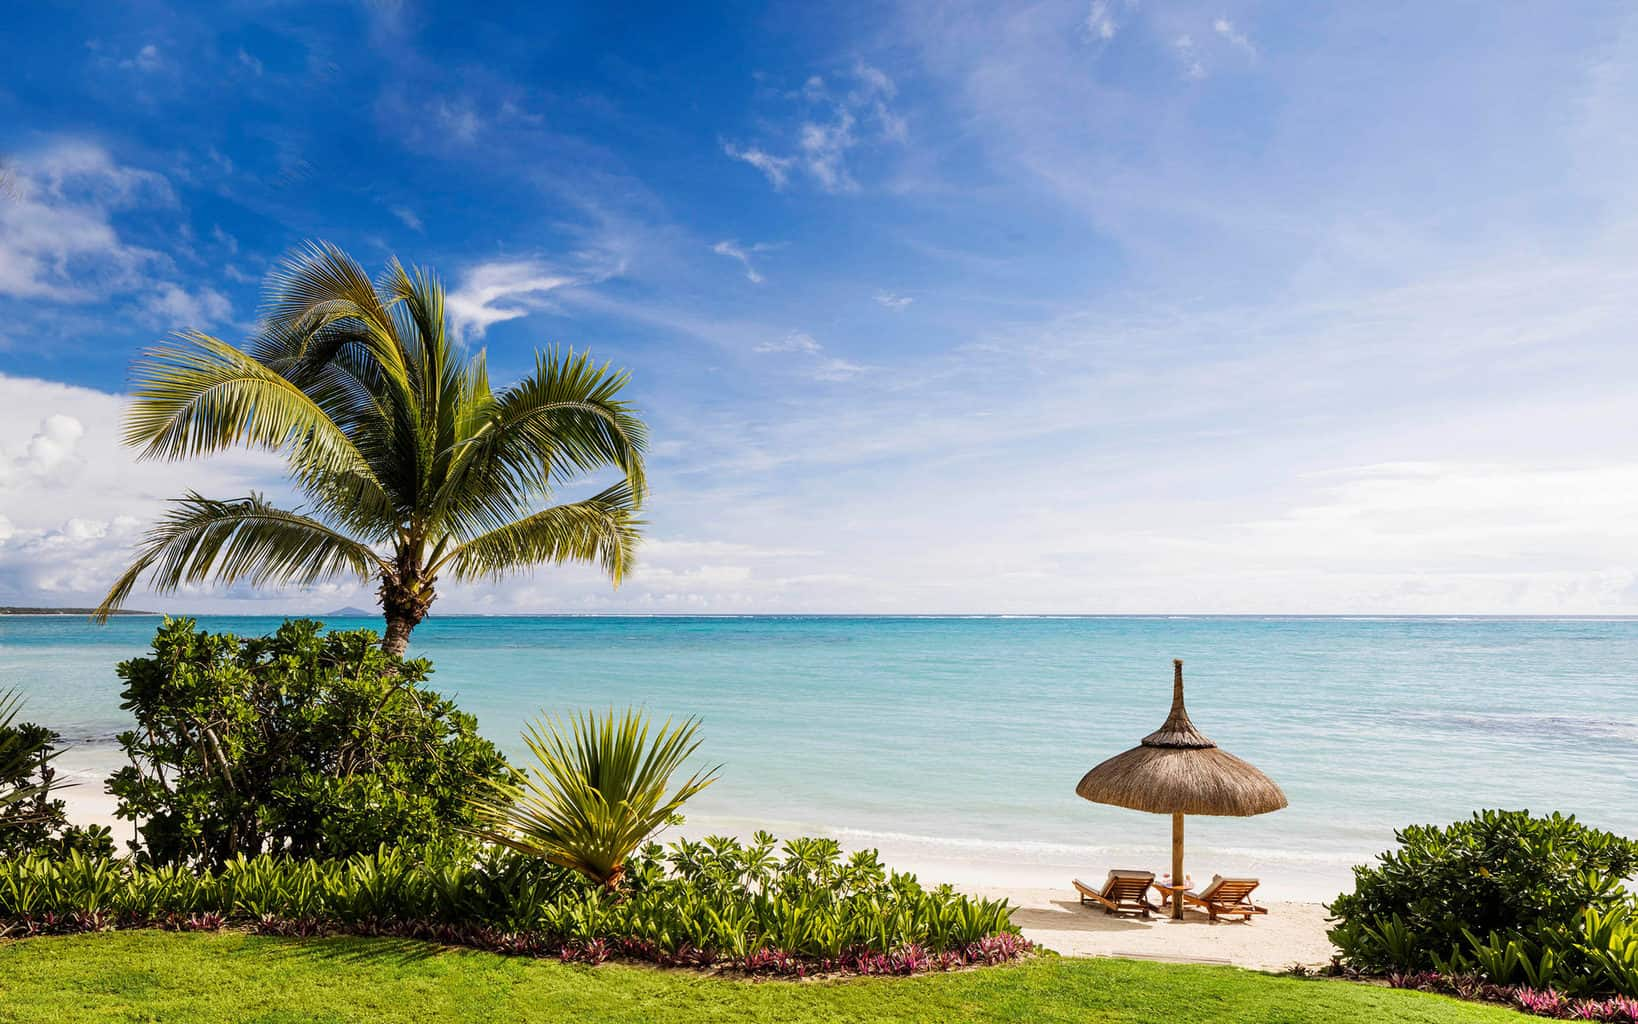 lua-de-mel-ilhas-mauritius-hoteis-OneOnly-Le-St.-Geran-1-Mauritius